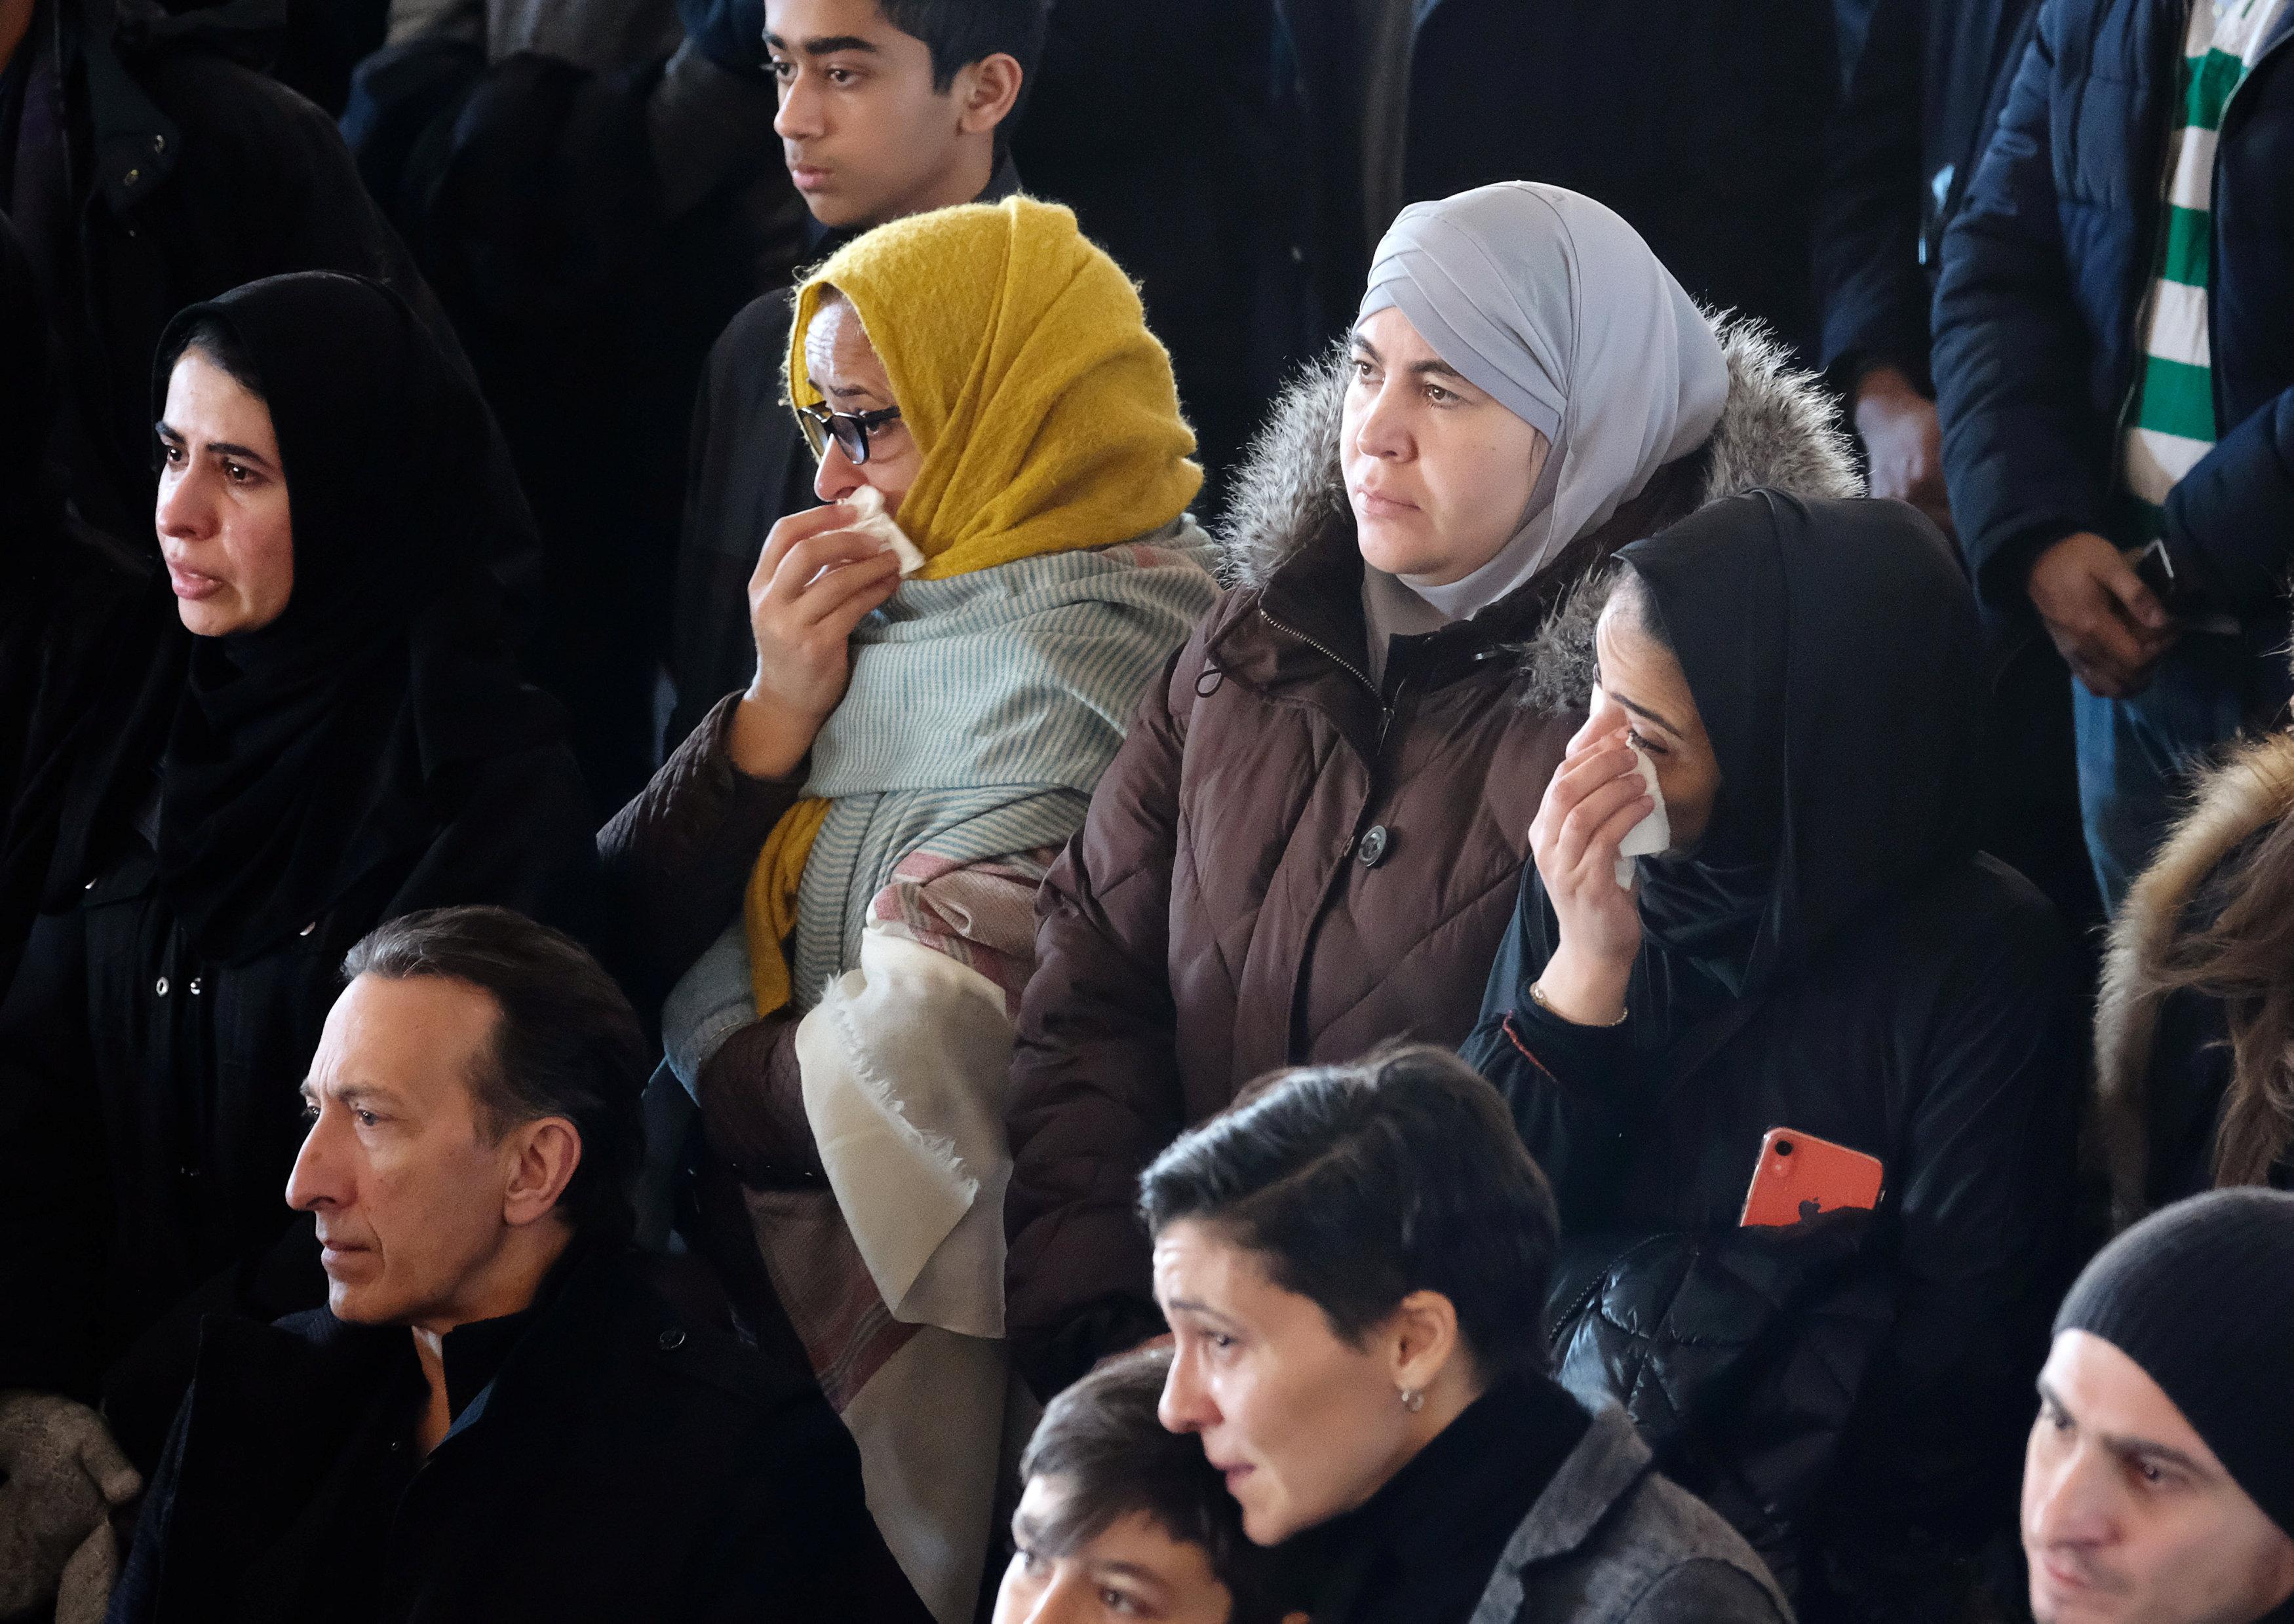 تشييع جثامين أطفال سوريين بكندا (2)